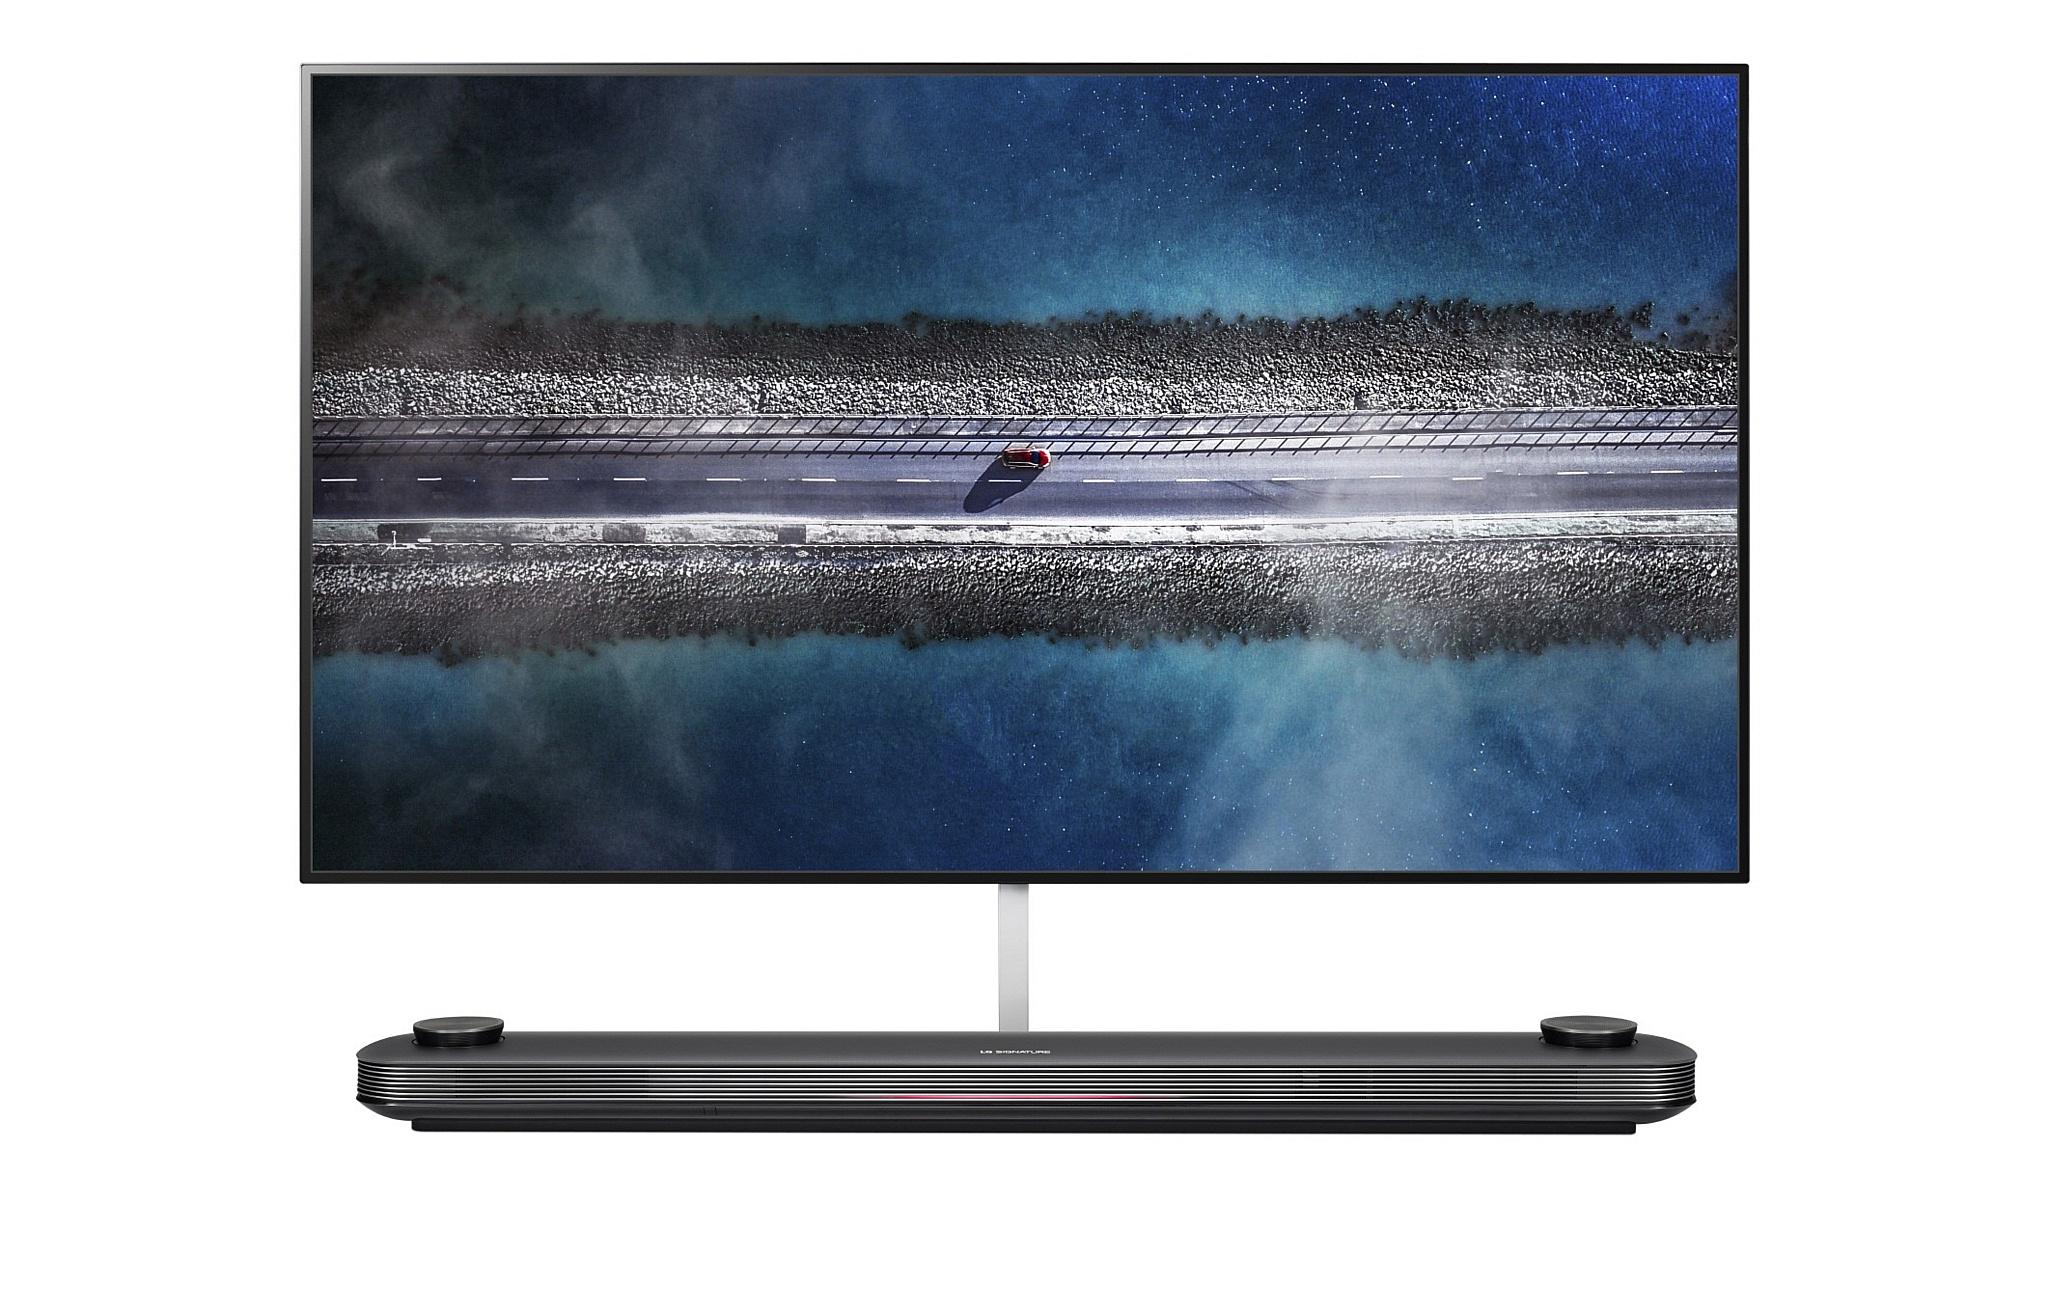 Компания LG начинает глобальный запуск линейки телевизоров 2019 года